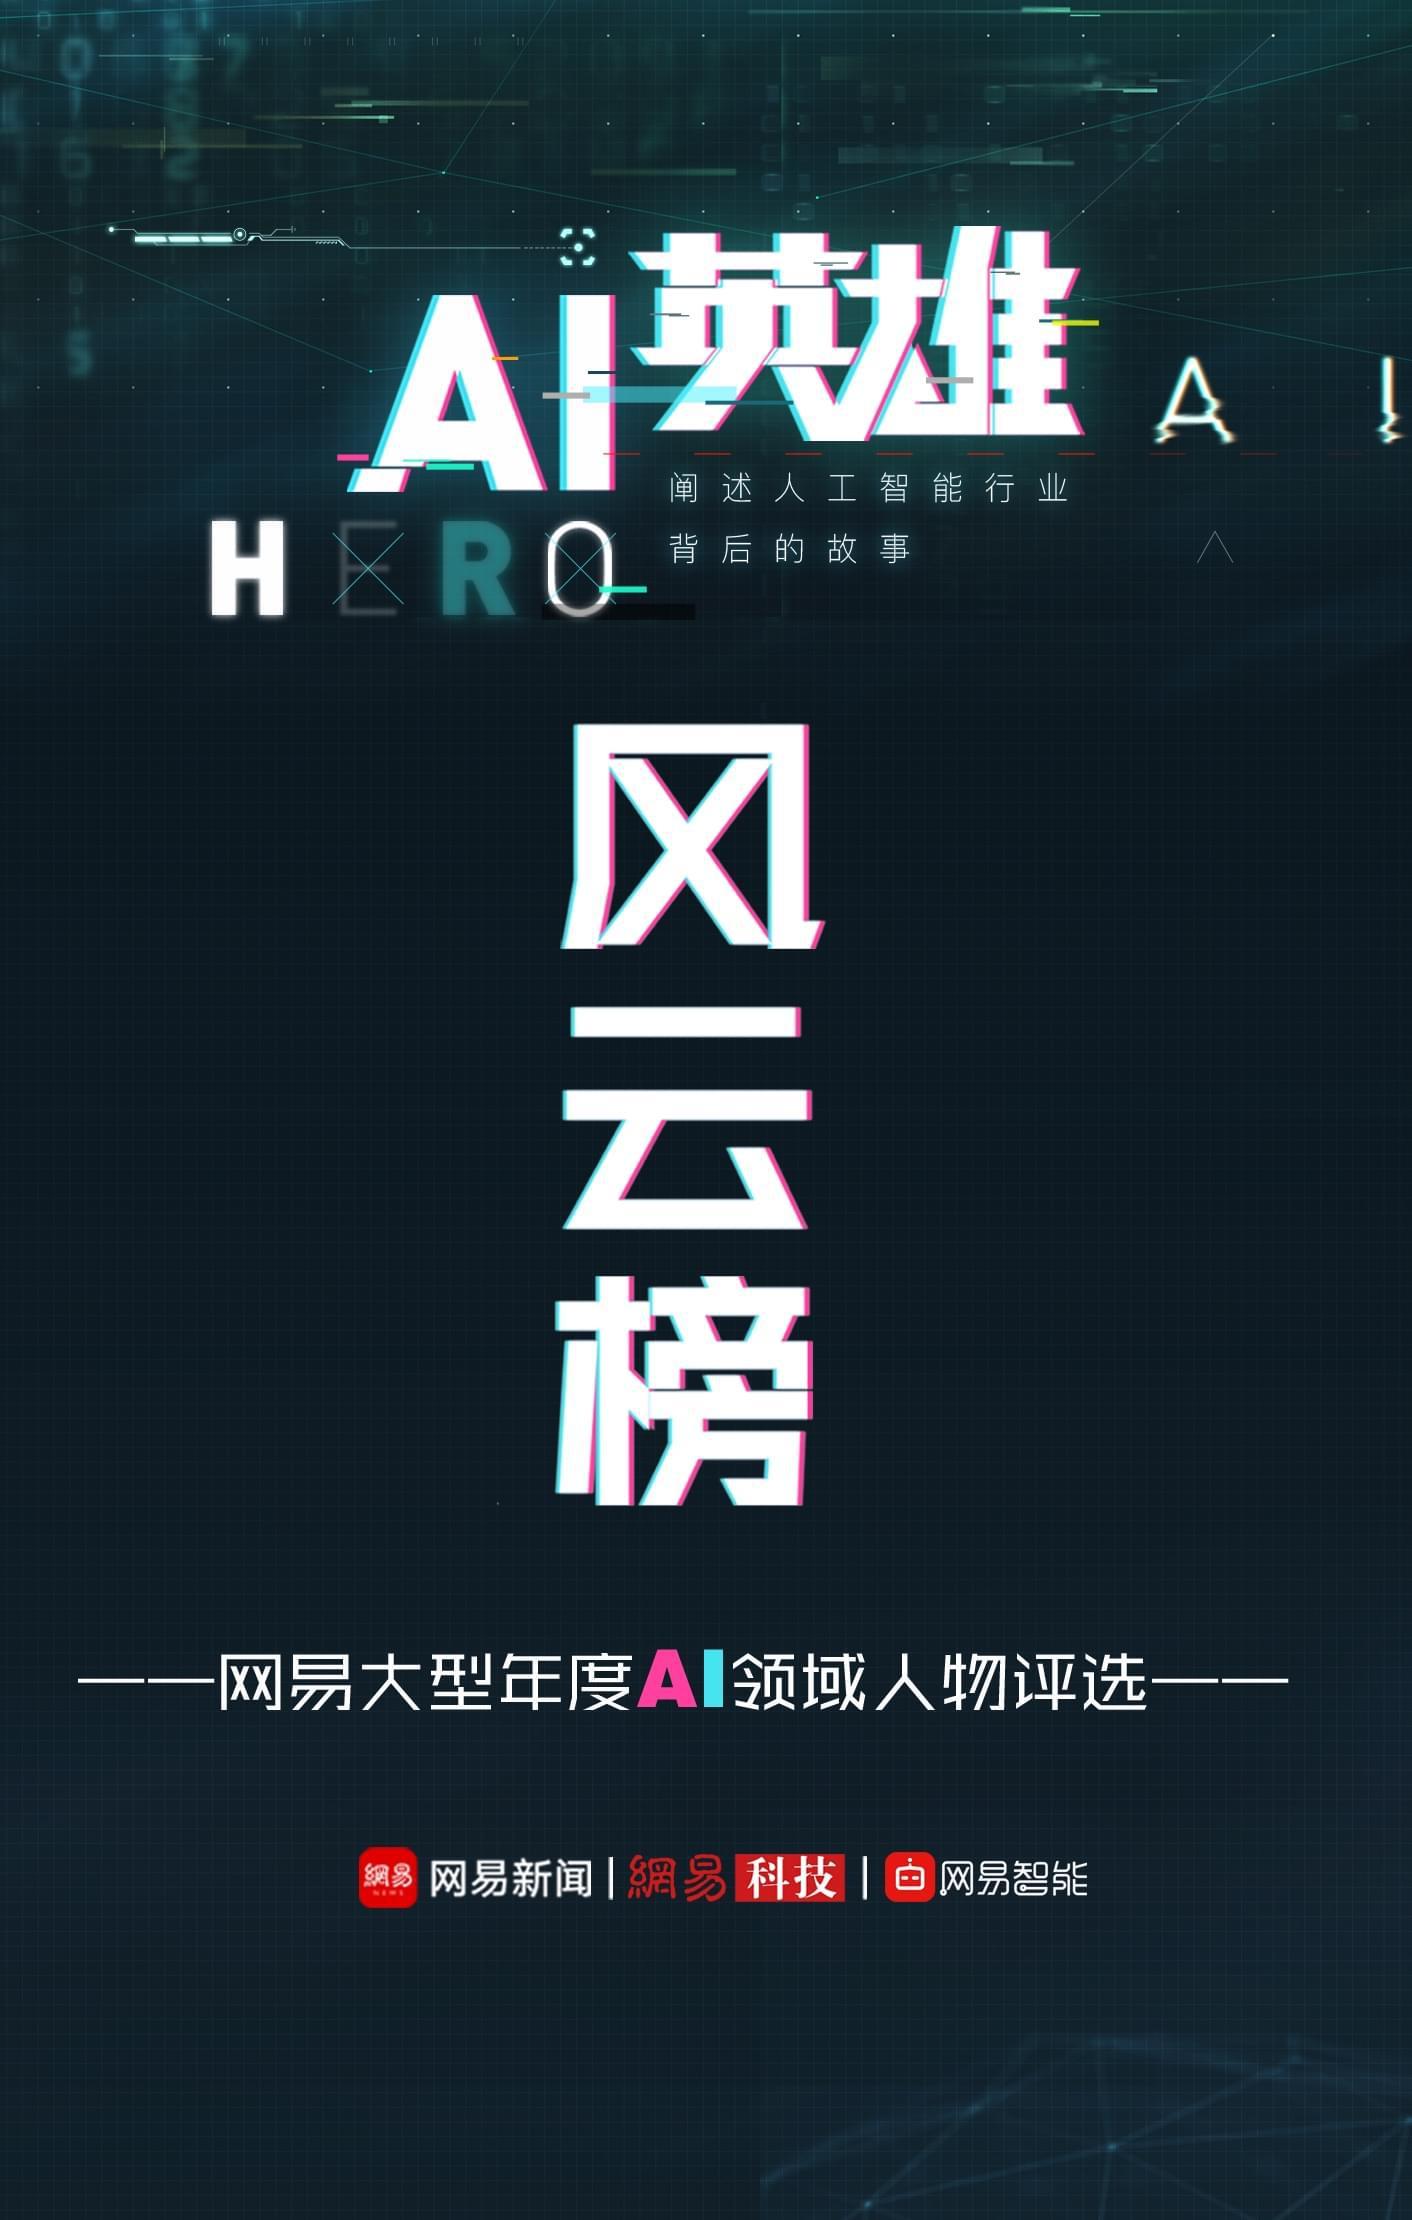 网易AI英雄风云榜征集候选人:谁是你心中的AI大神